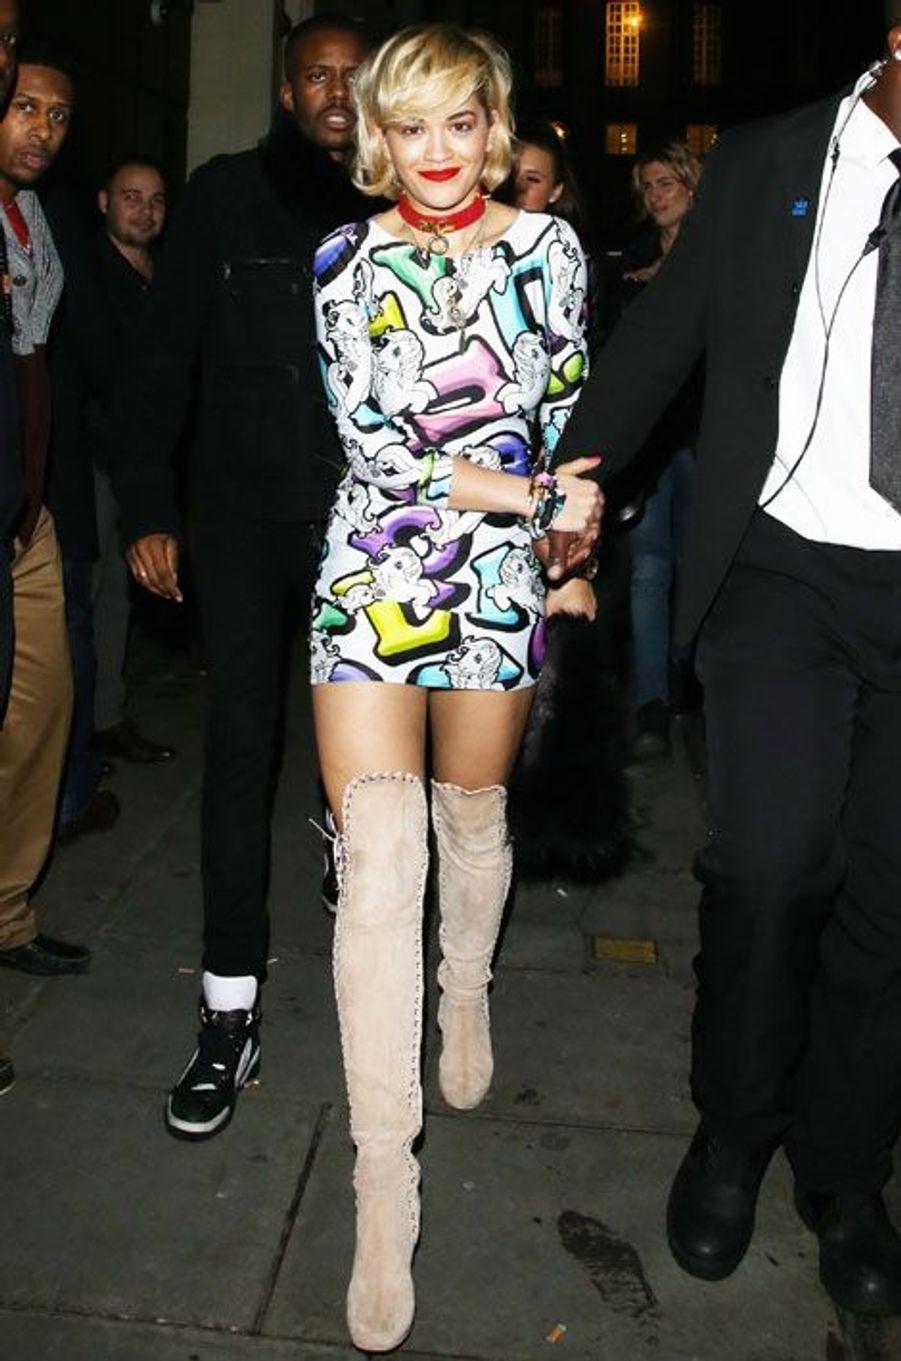 La chanteuse britannique Rita Ora en soirée à Londres, le 4 janvier 2014